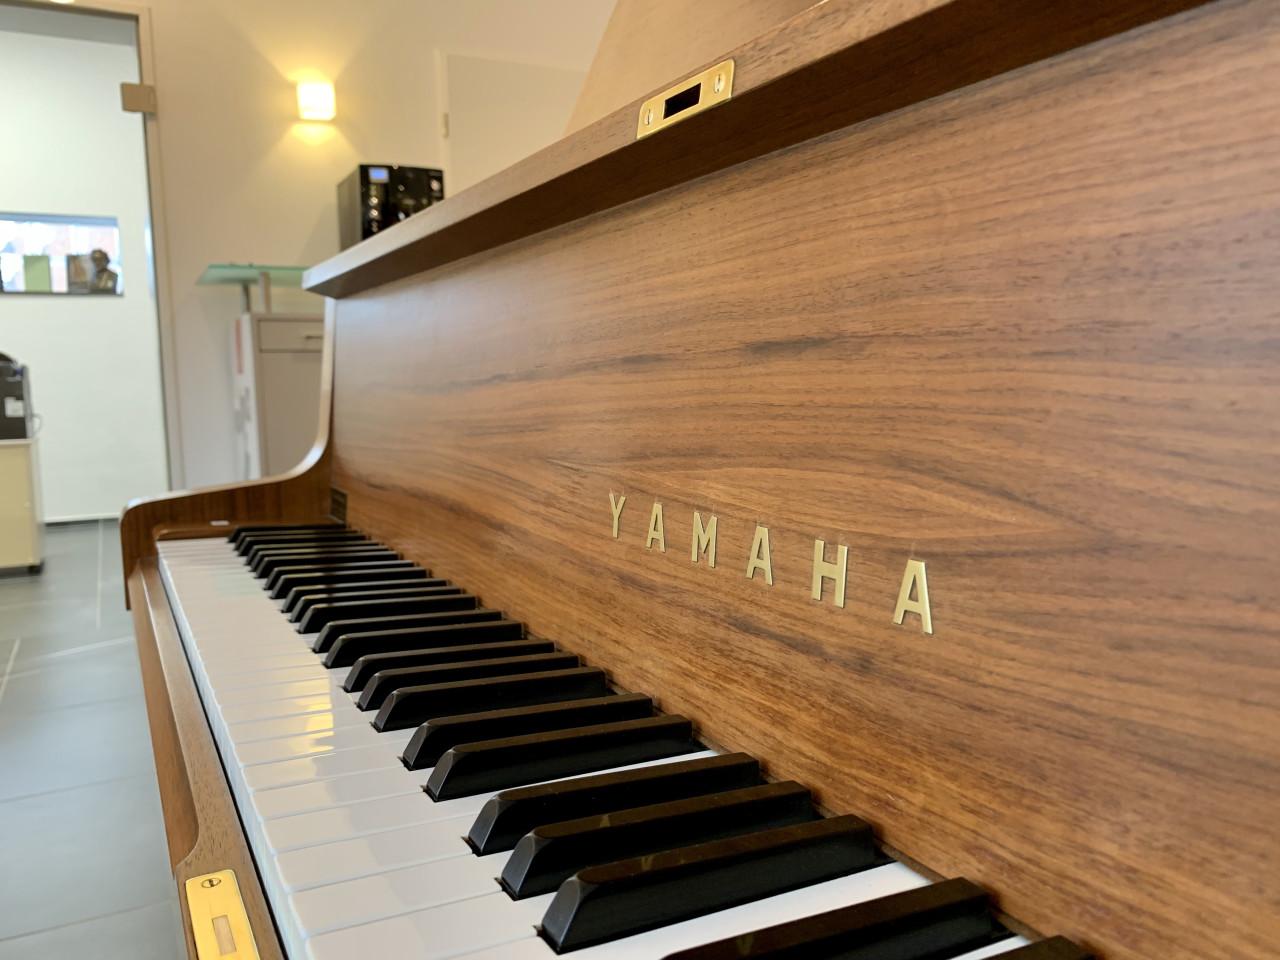 Yamaha G1 Nußbaum 6